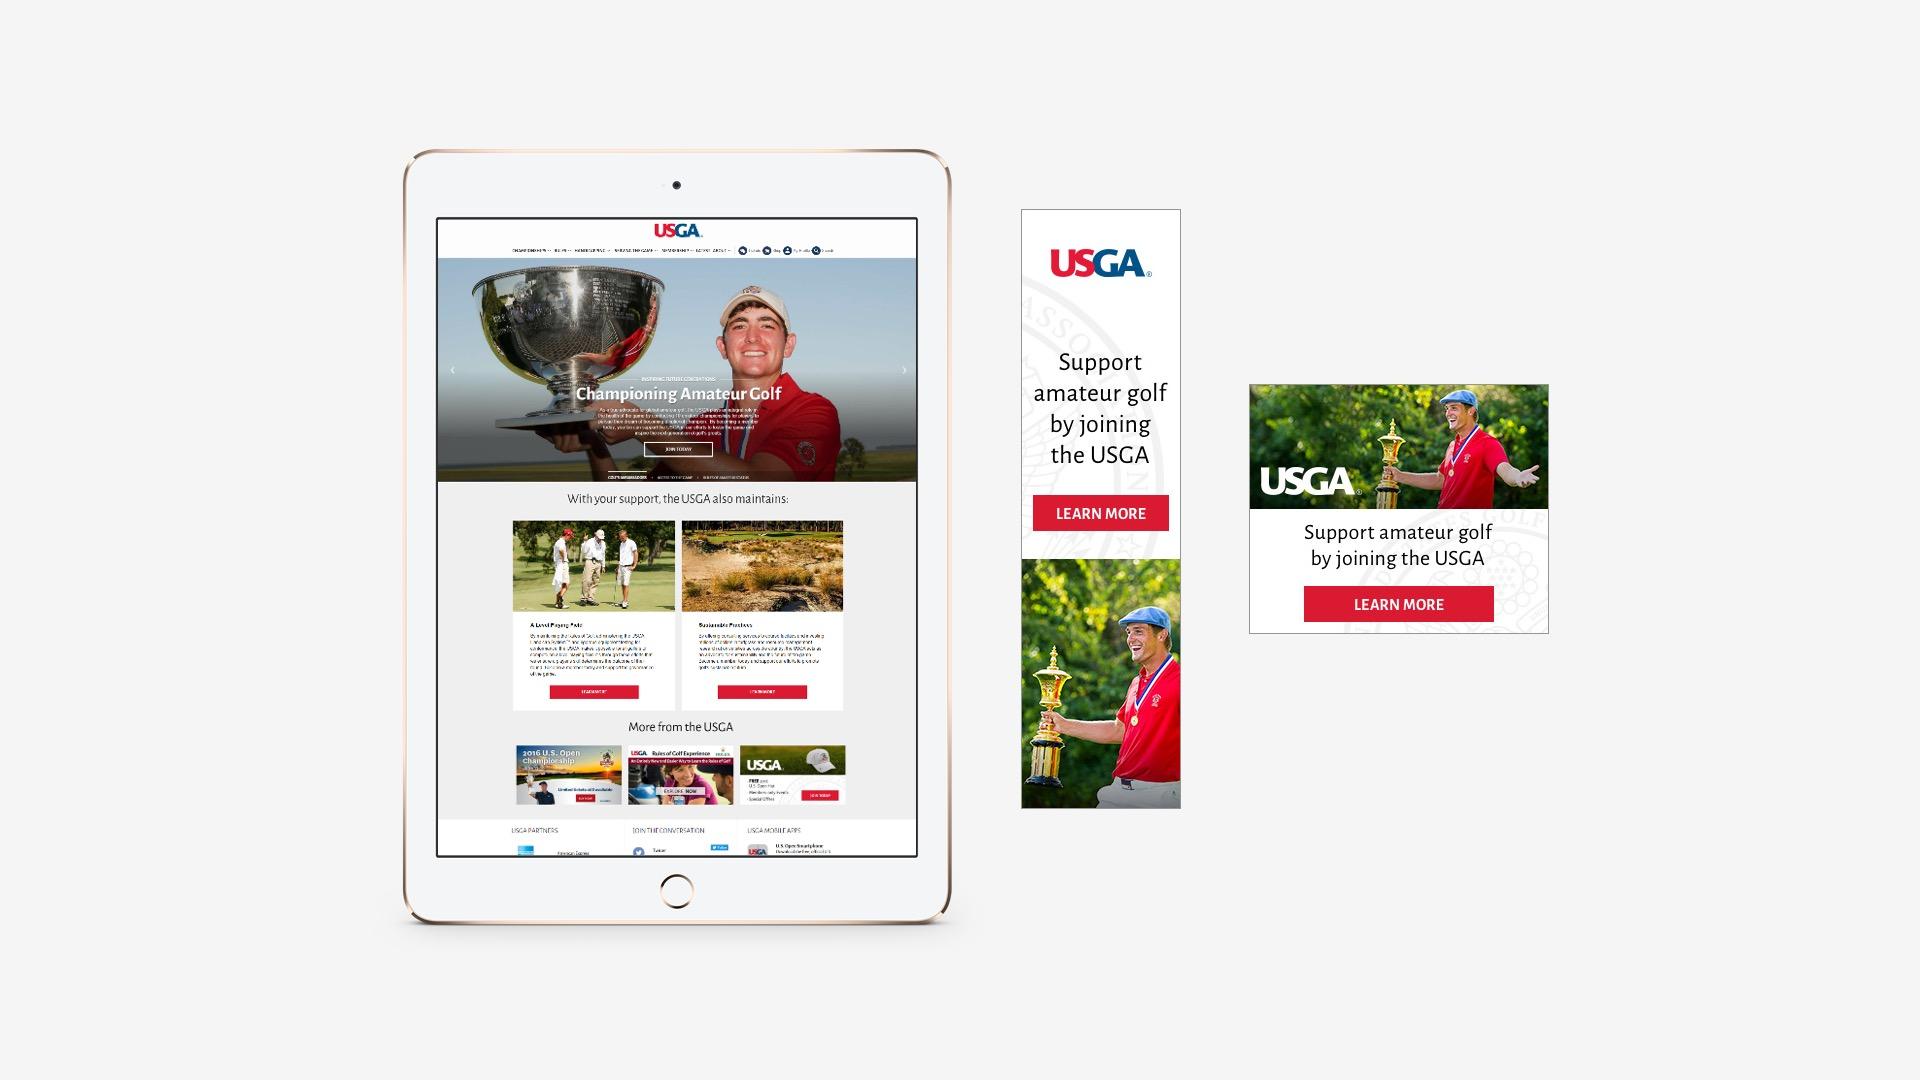 USGA: USGA's Pillars Campaign Banner Ad and Landing Page